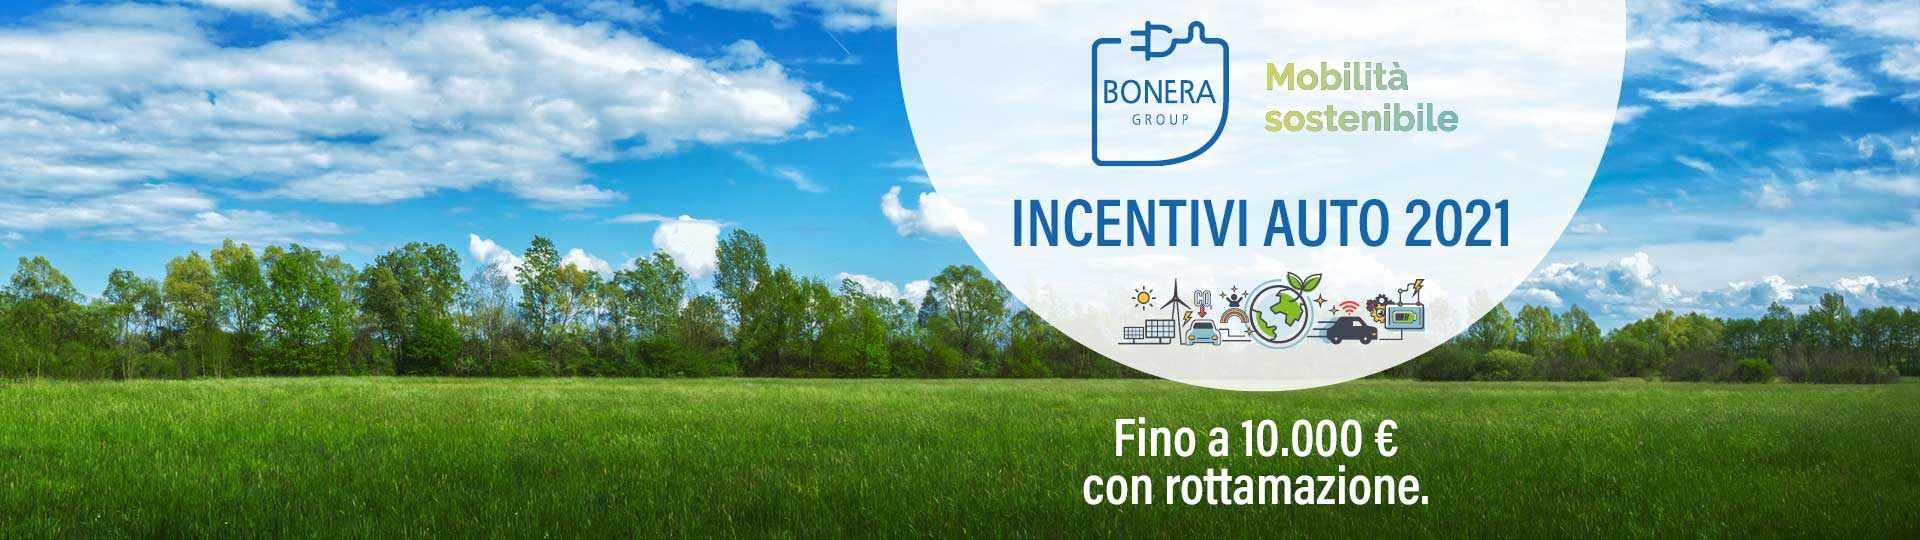 Incentivi-auto-2021_sito-min.jpg